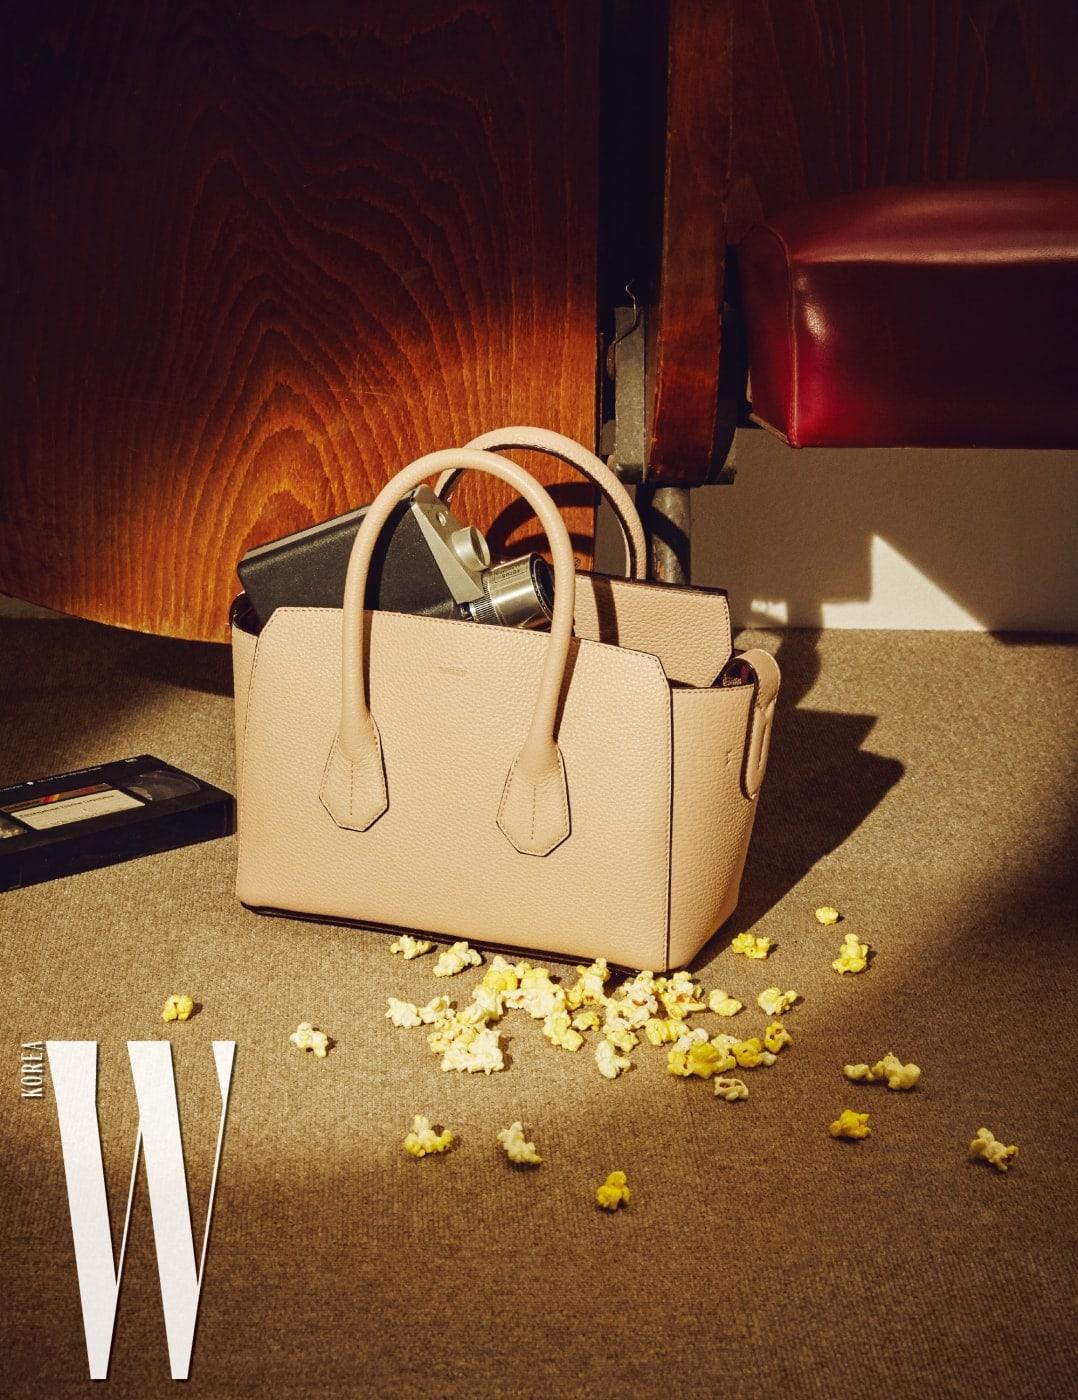 간결한 디자인과 낭만적인 부드러운 색감이 돋보이는 '소메' 백은 Bally 제품.